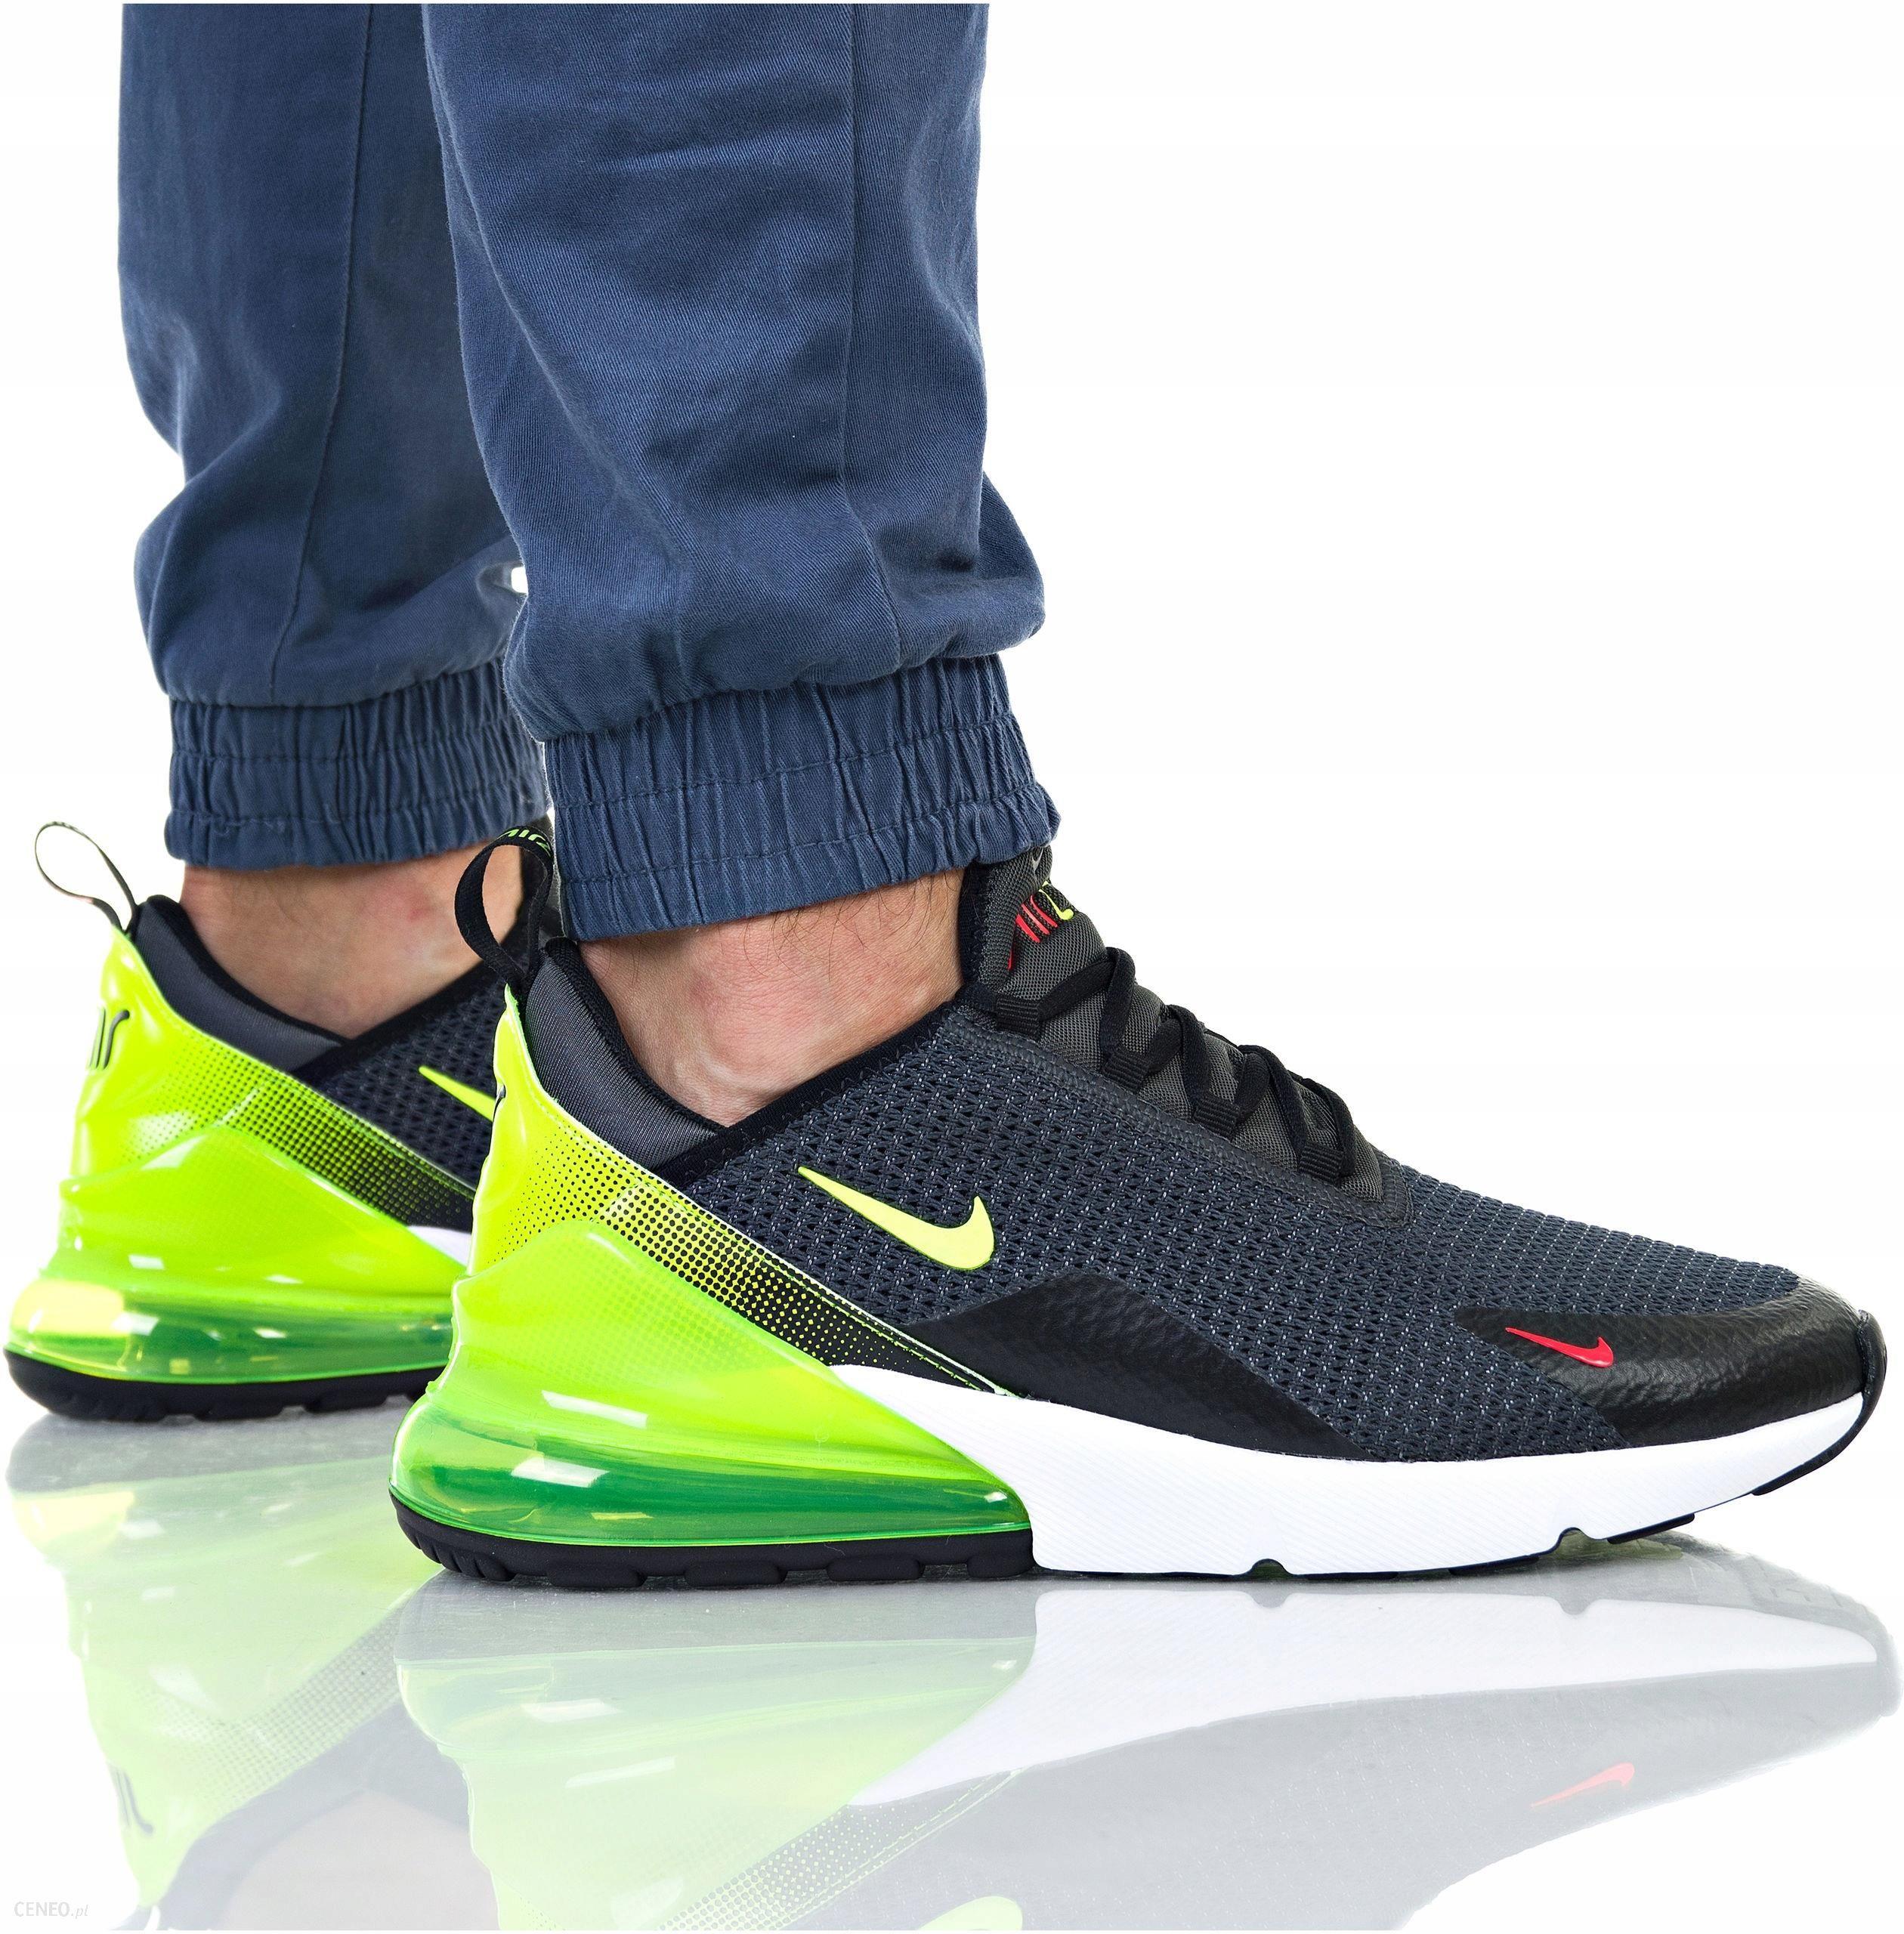 Buty Nike Męskie Air Max 270 Se AQ9164 005 Neon Ceny i opinie Ceneo.pl